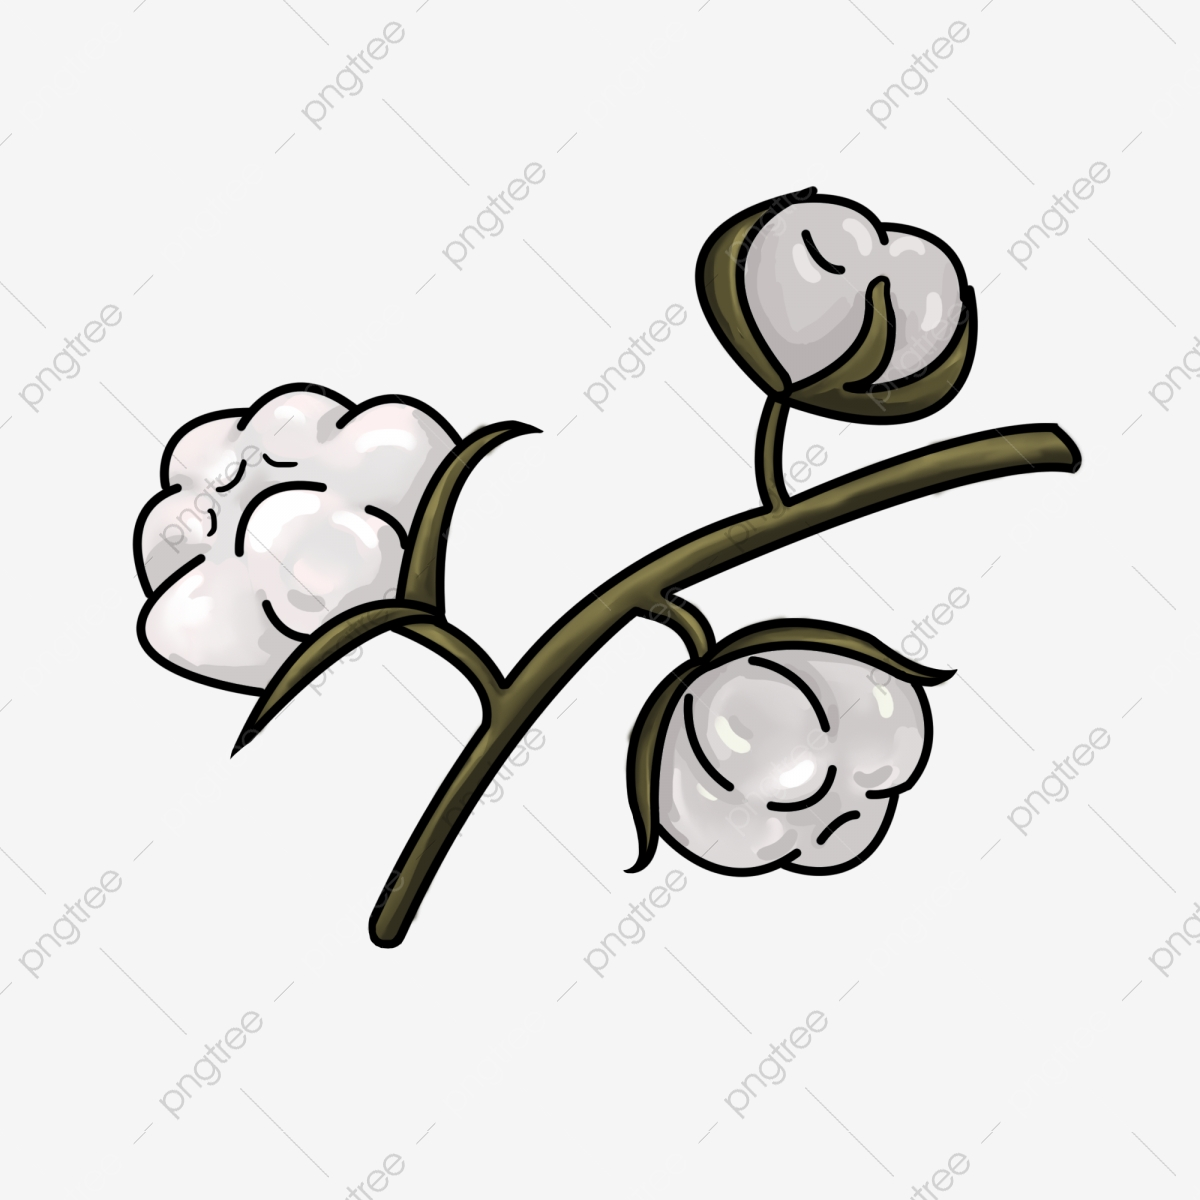 Branche Fleur De Coton dessiné à la main récolte coton branche de fleur, feuille de